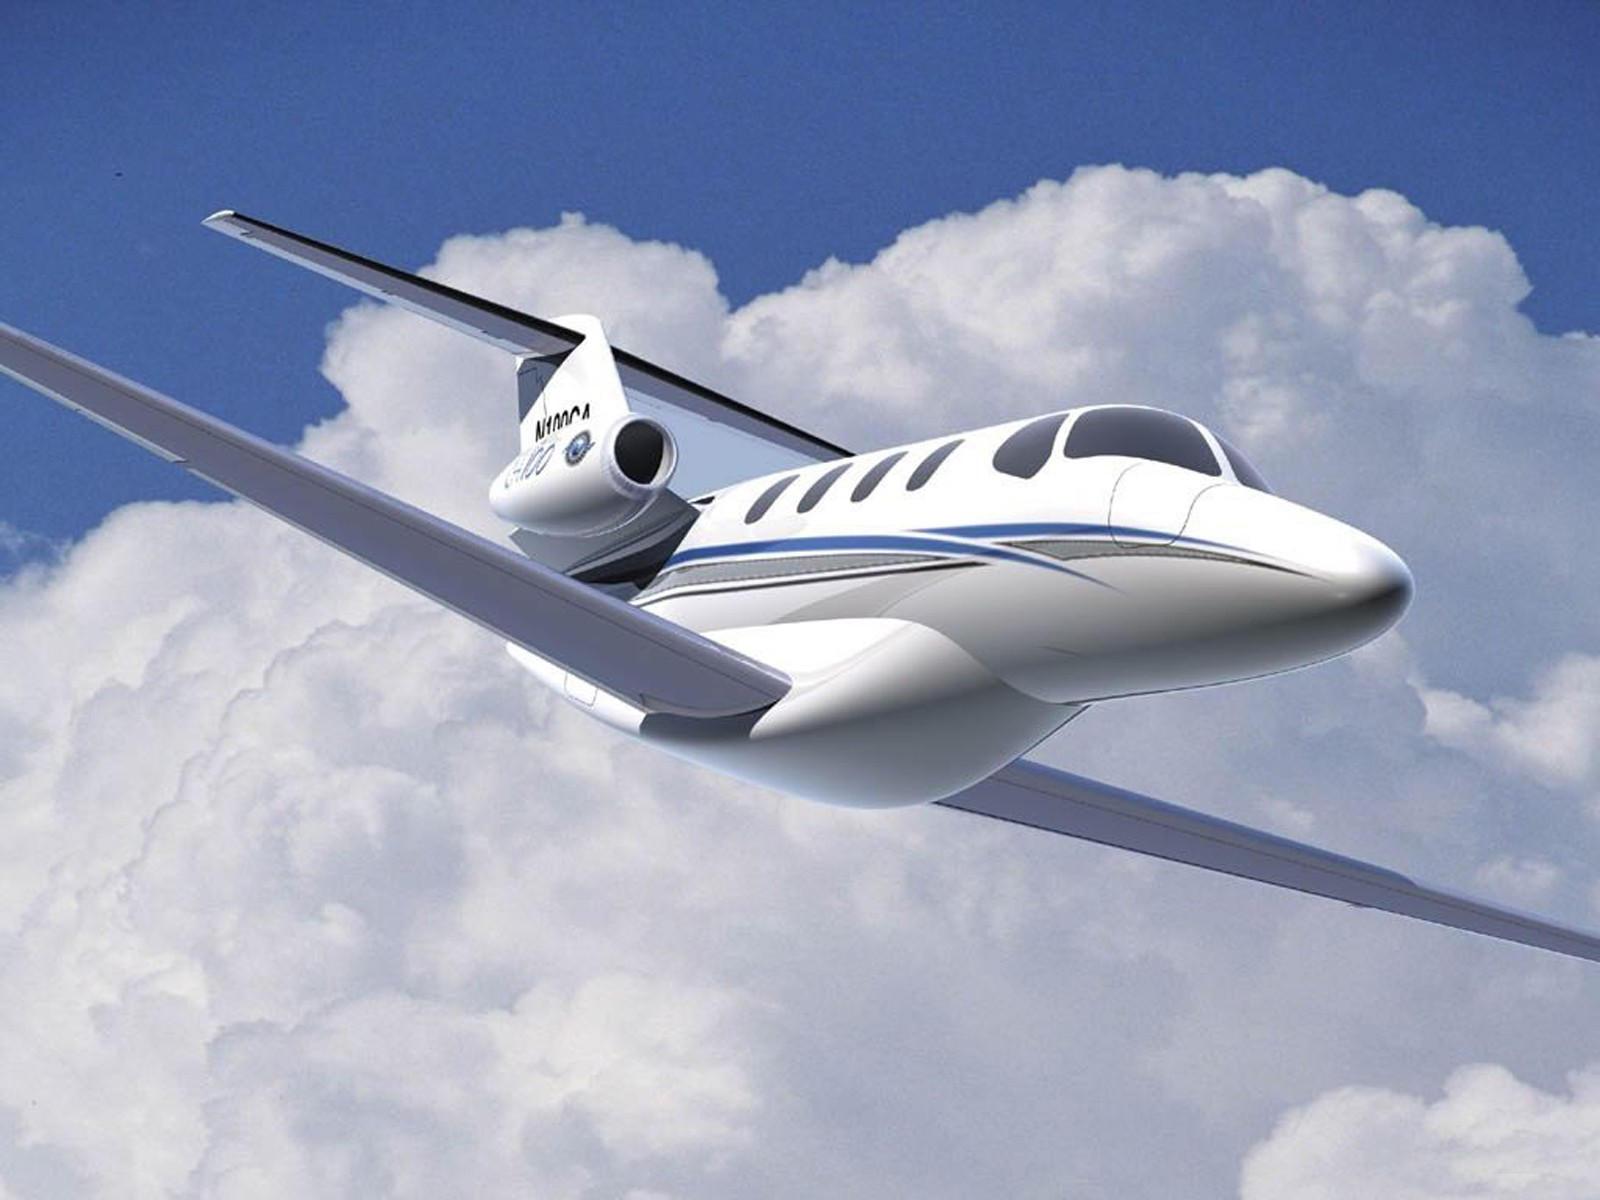 Частный самолёт летит в облаках